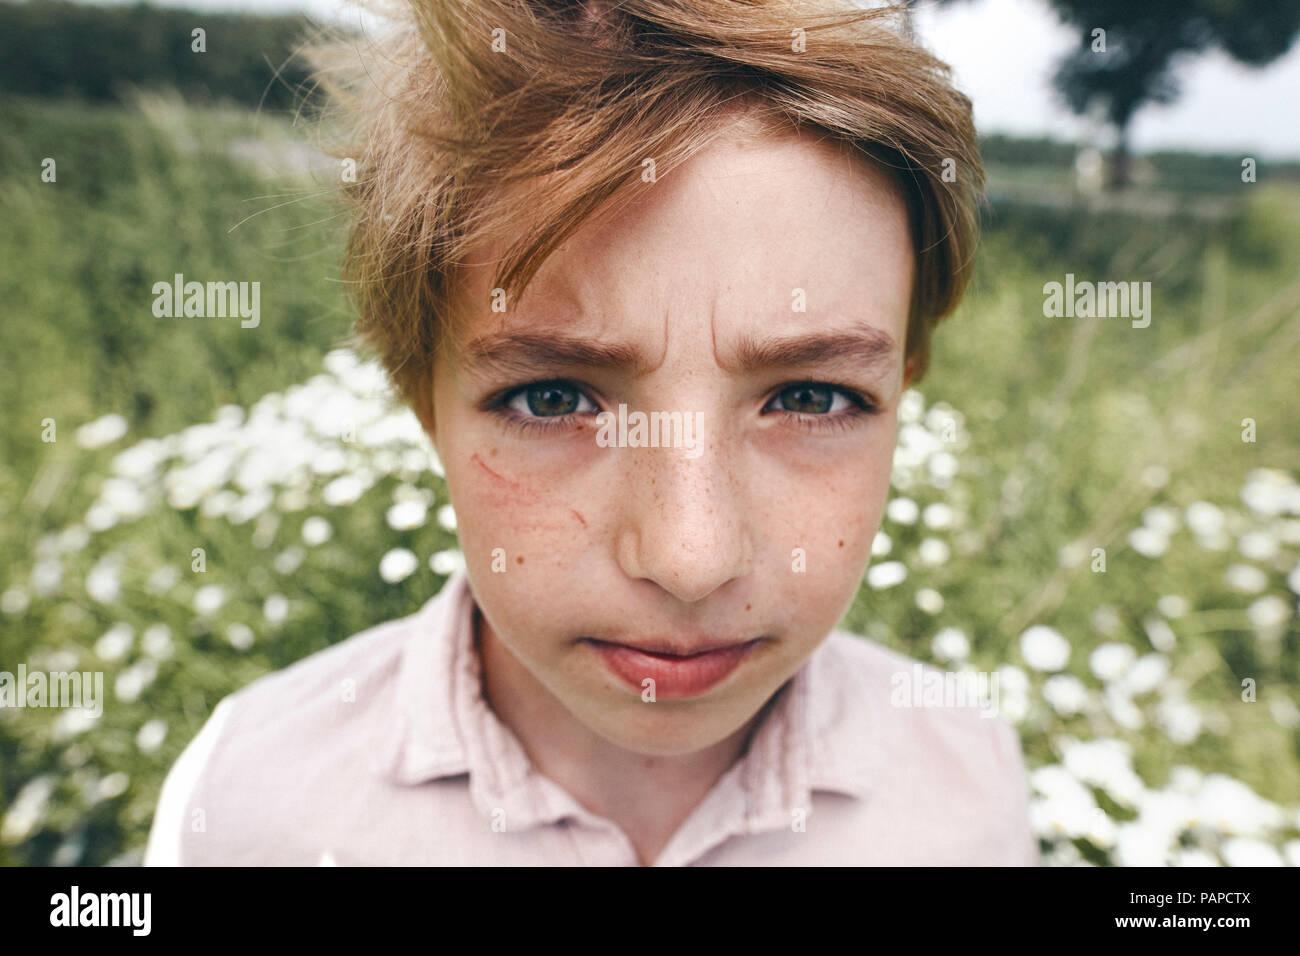 Portrait de garçon ennuyé dans la nature Photo Stock